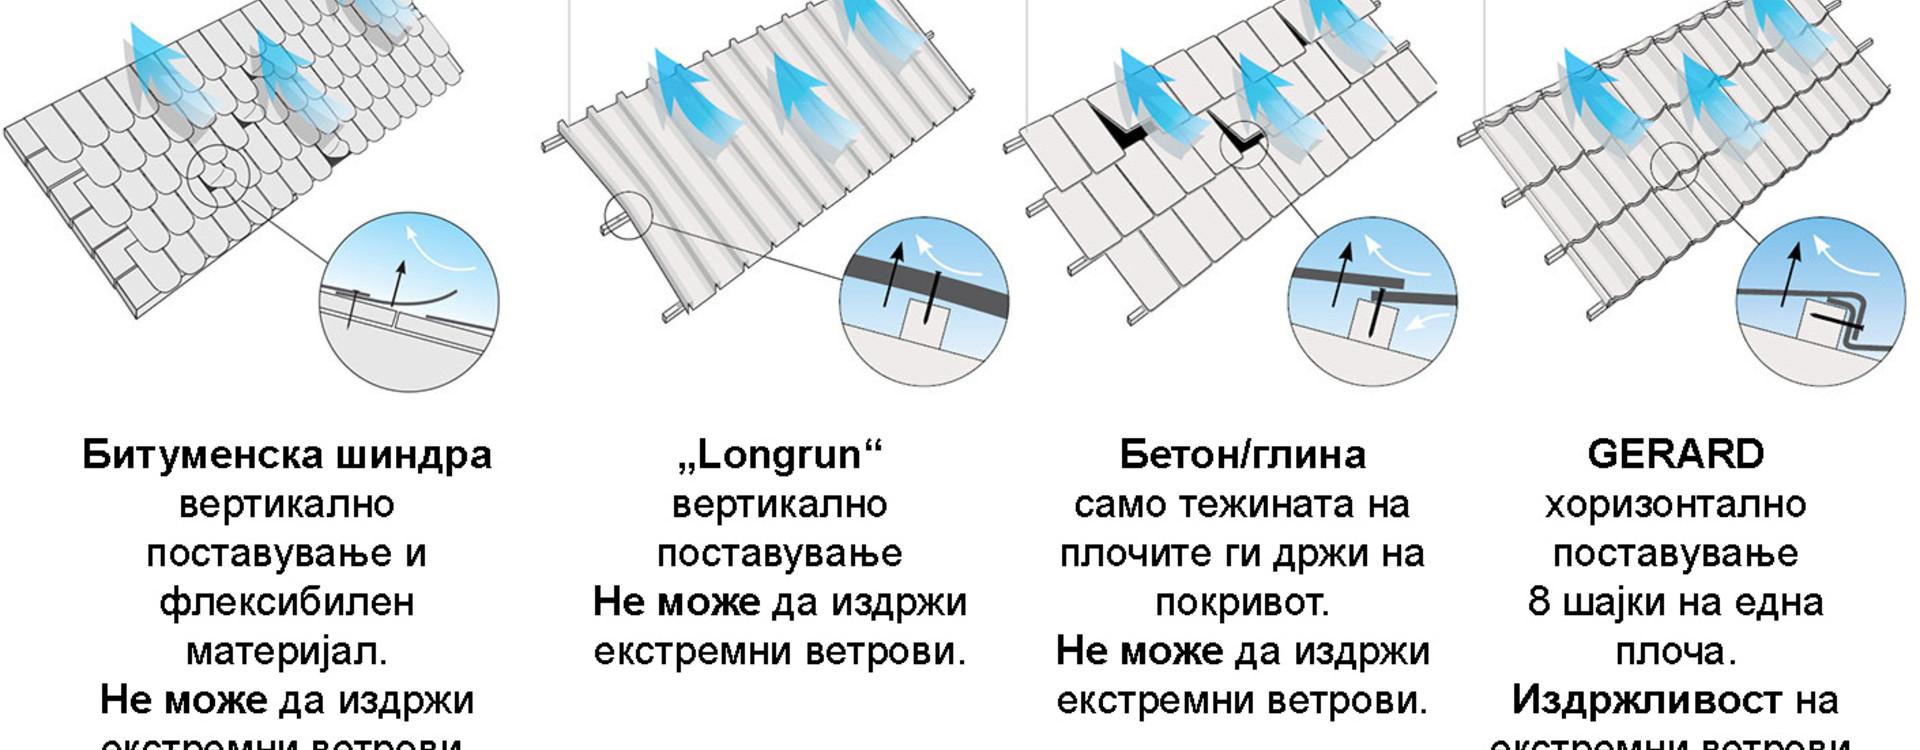 Единствен систем GERARD за хоризонтално прицврстување